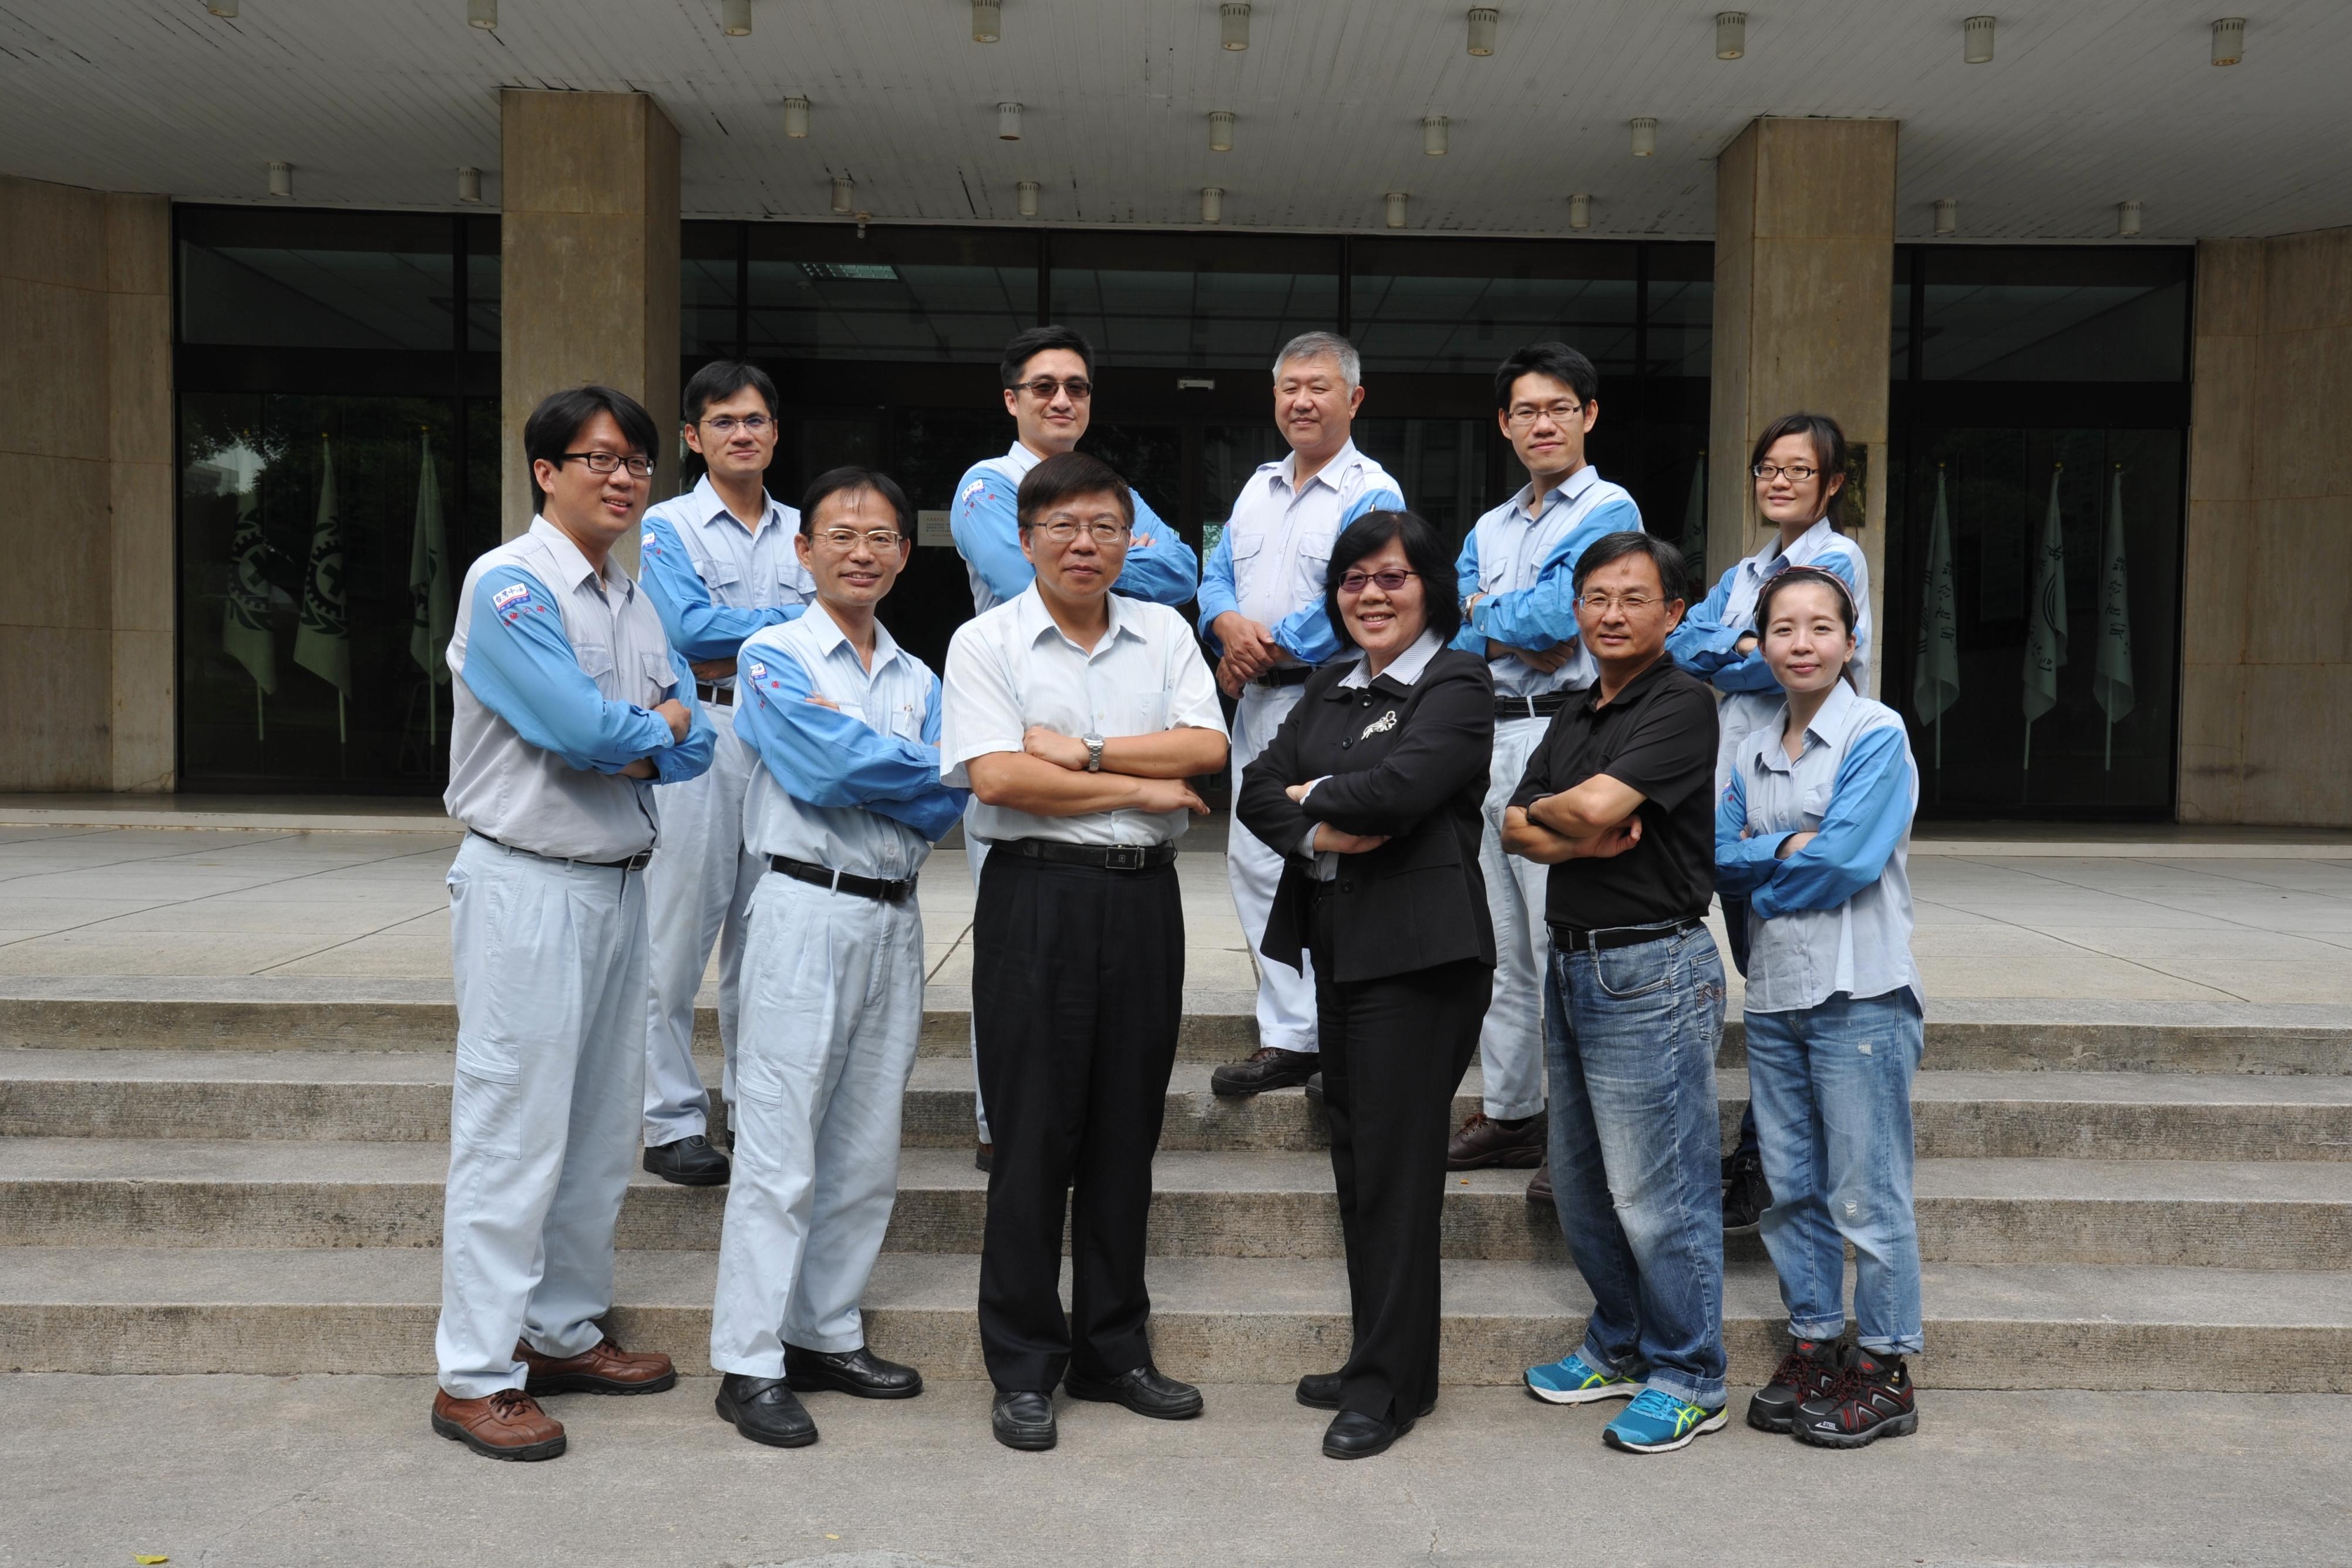 研究團隊在中油公司煉研所行政大樓前合照